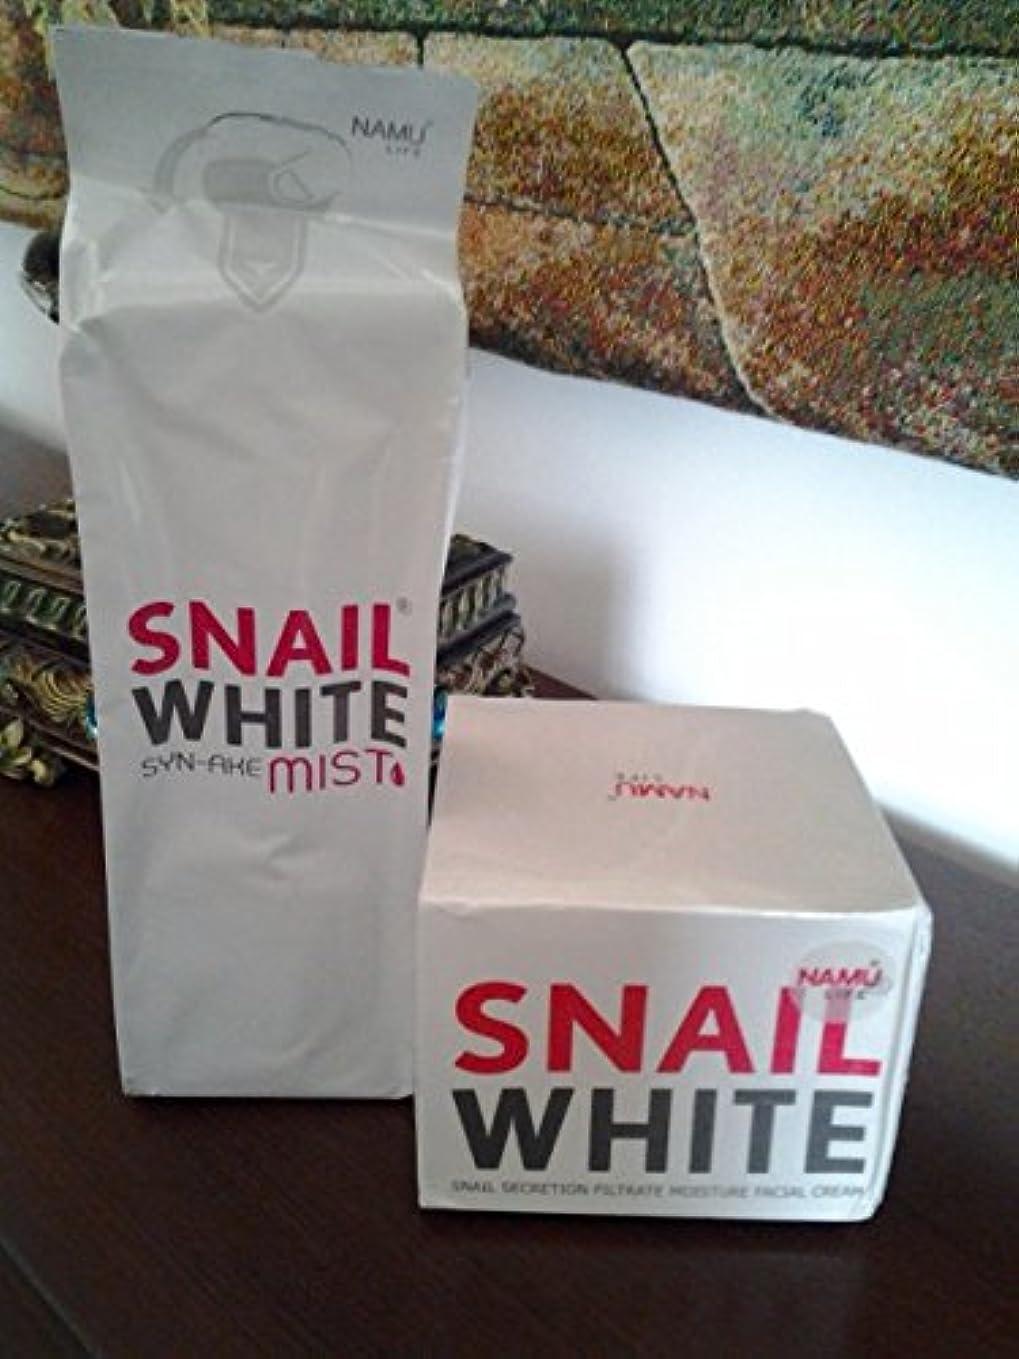 クローゼット鬼ごっこ励起Snailホワイトクリーム+カタツムリホワイトsyn-ake Mist Snail